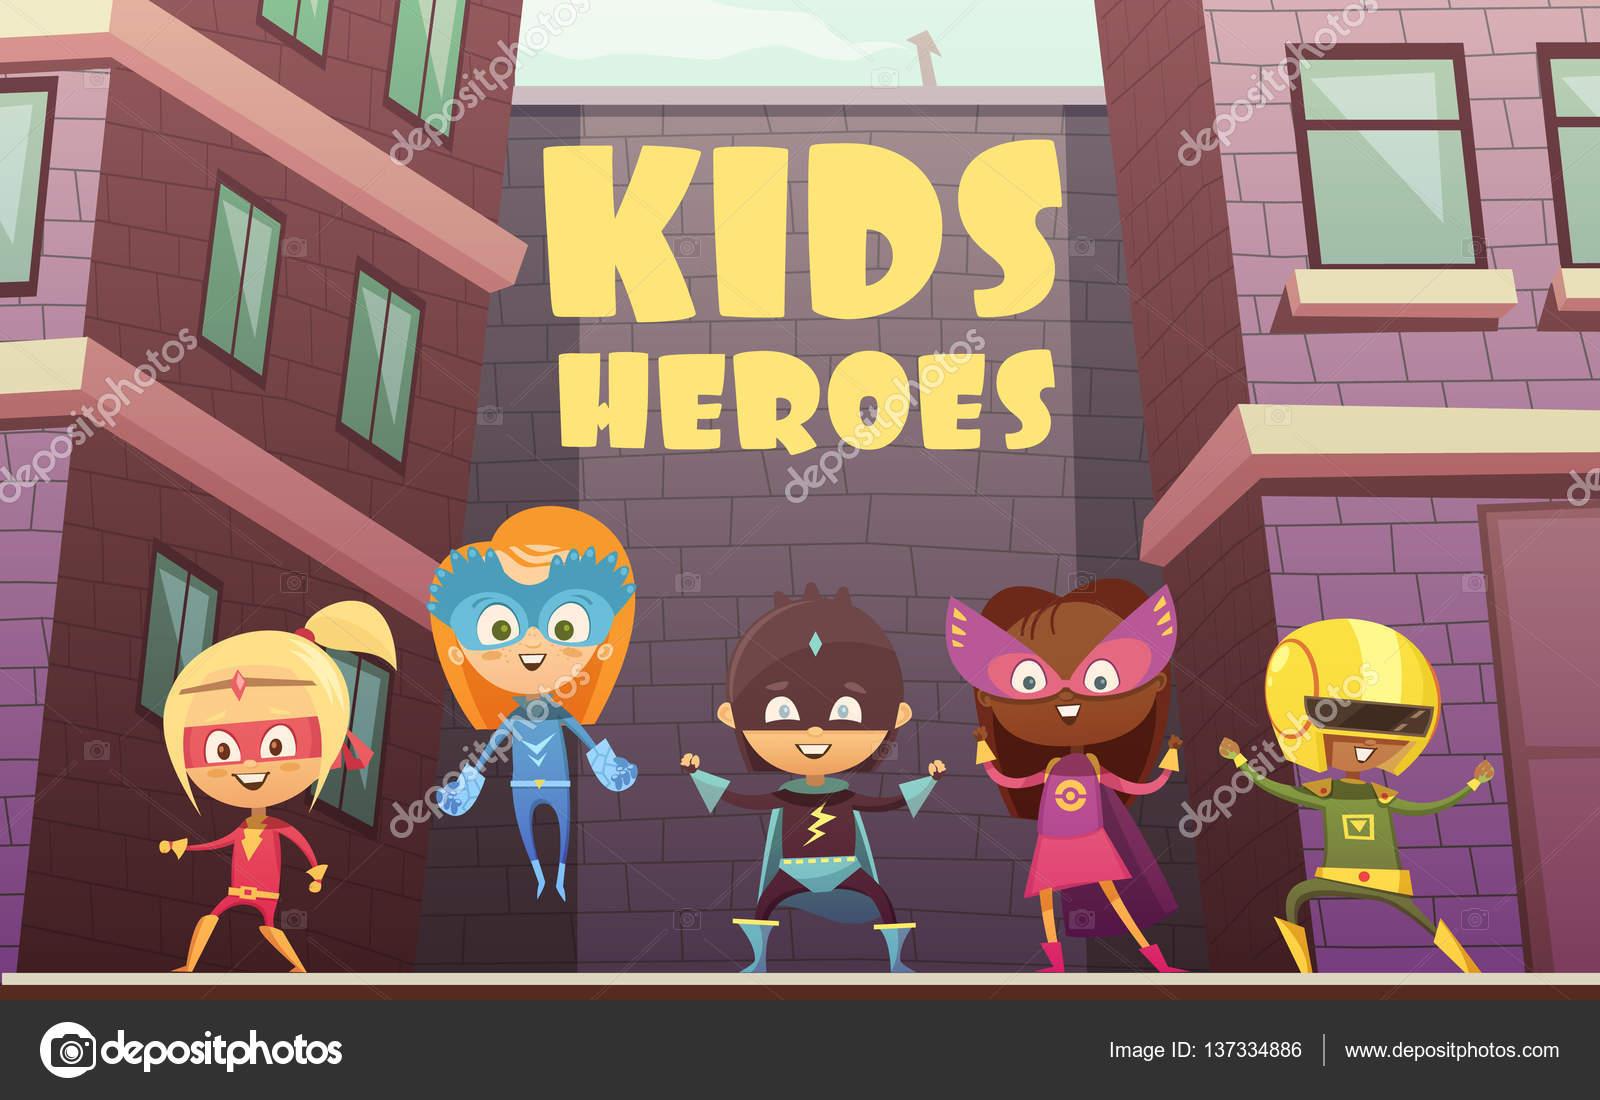 Ilustración de dibujos animados de niños superhéroes — Archivo ...